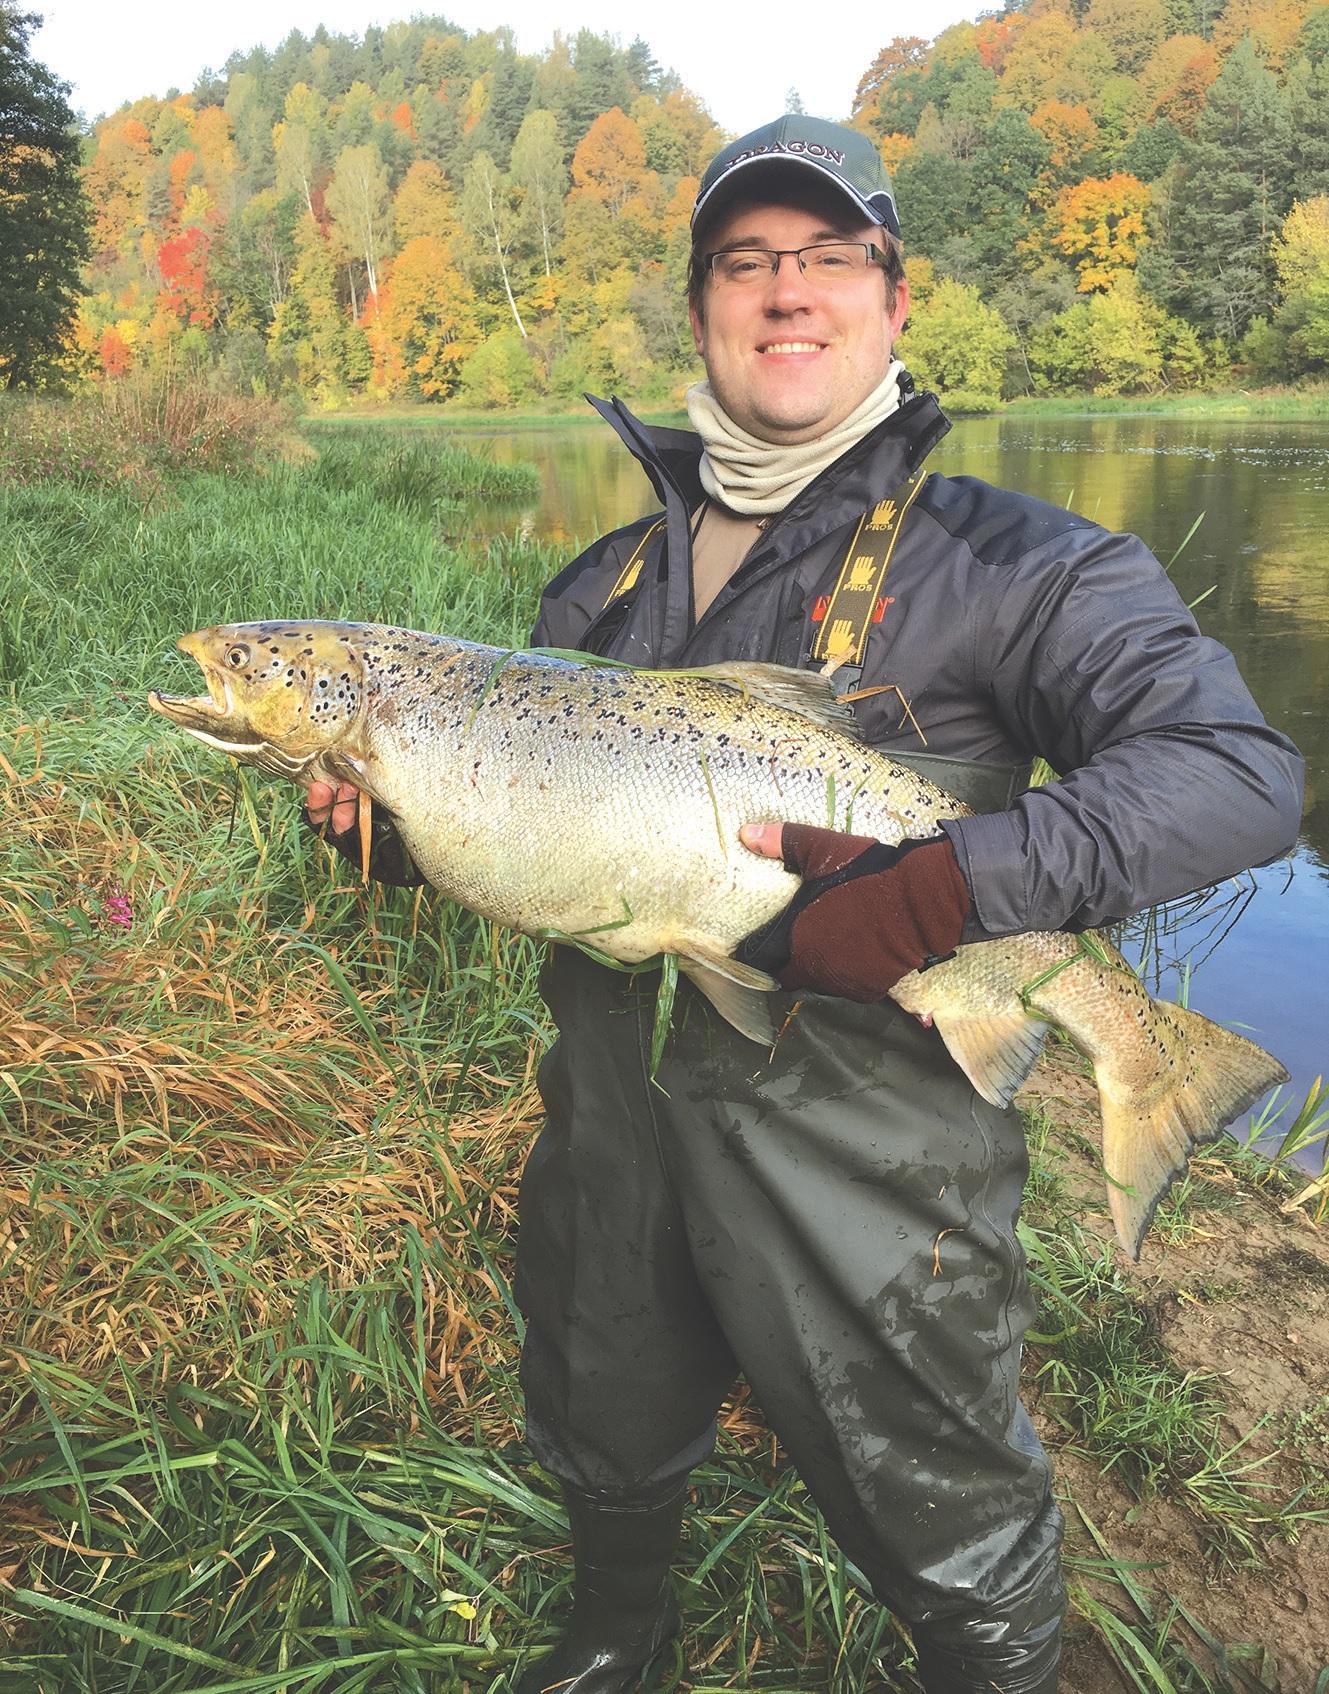 Geriausias atsipalaidavimo būdas aukštas pareigas einančiam vadovui – žvejyba./Asmeninio archyvo nuotr.